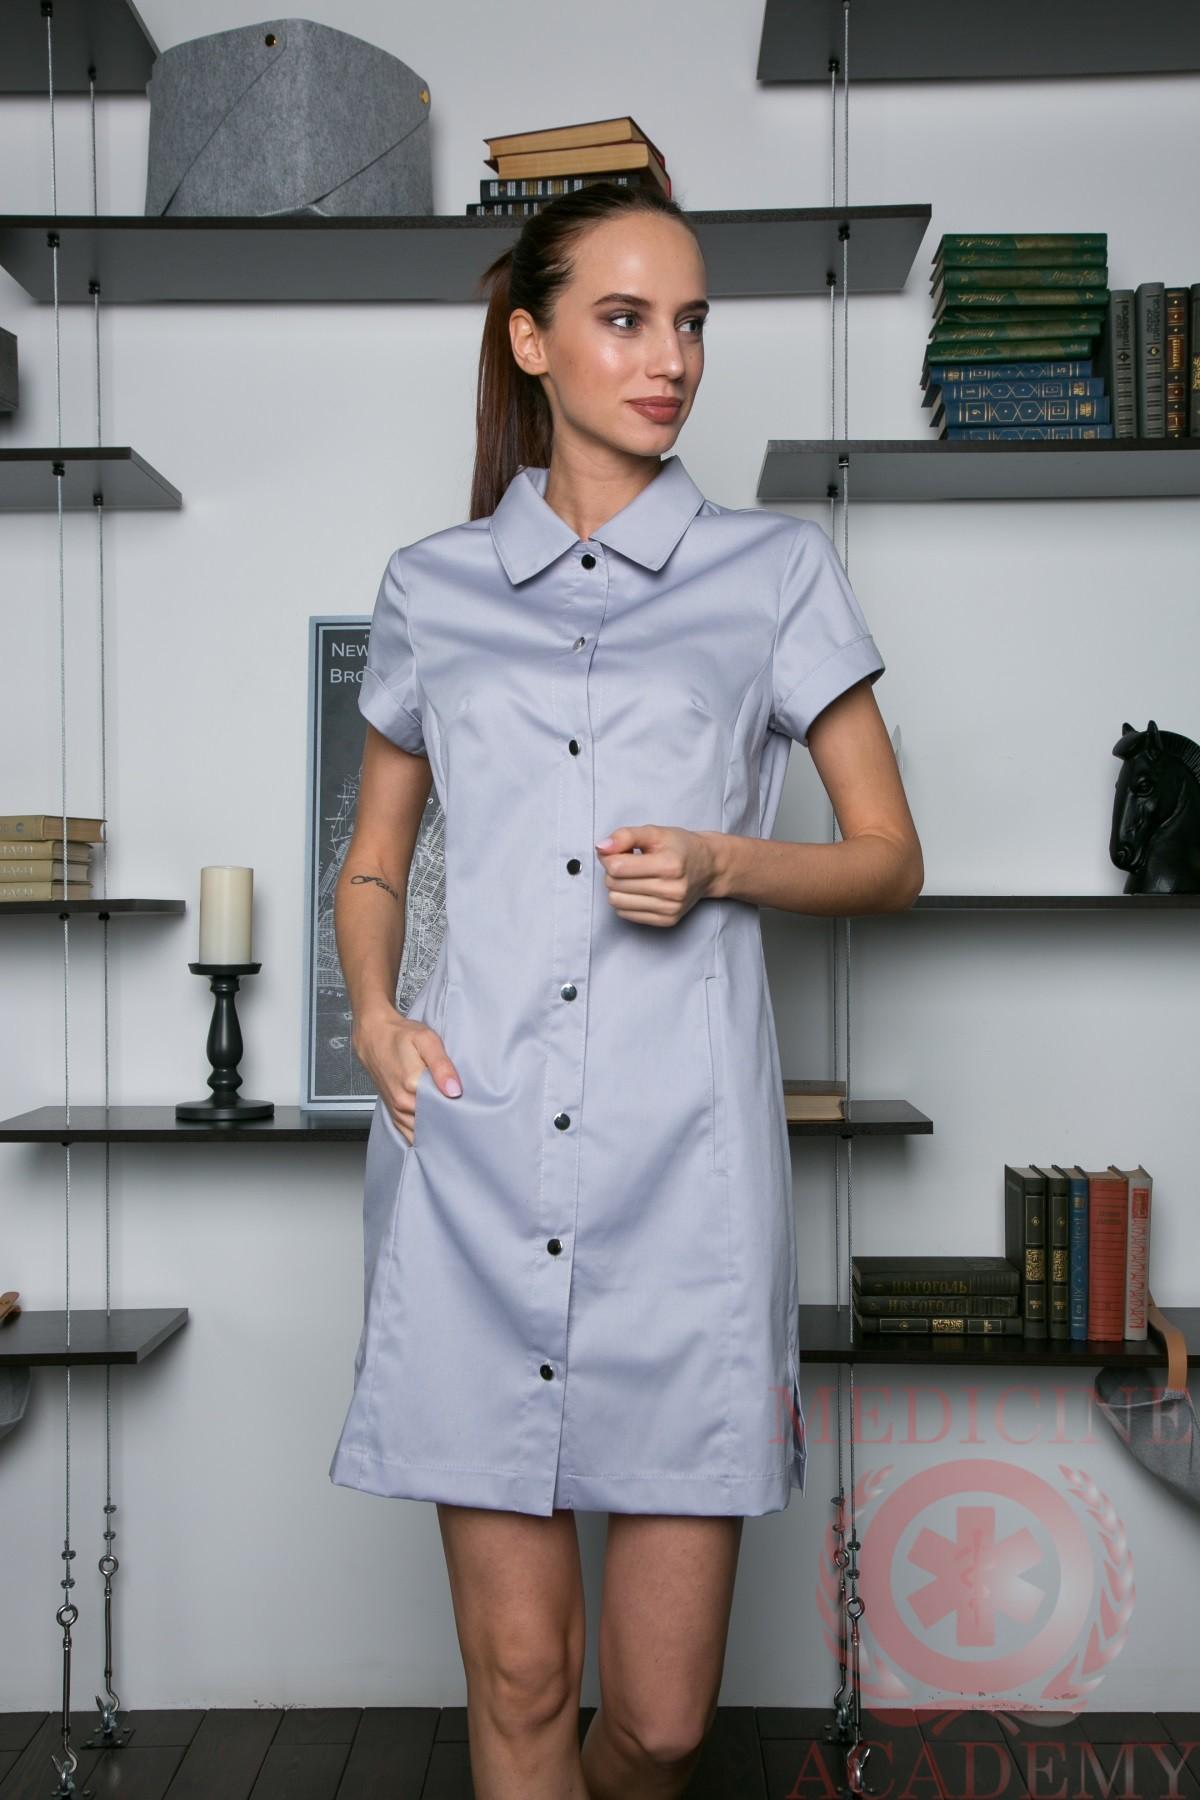 Рубашка-халат жемчужно-серая пф033с